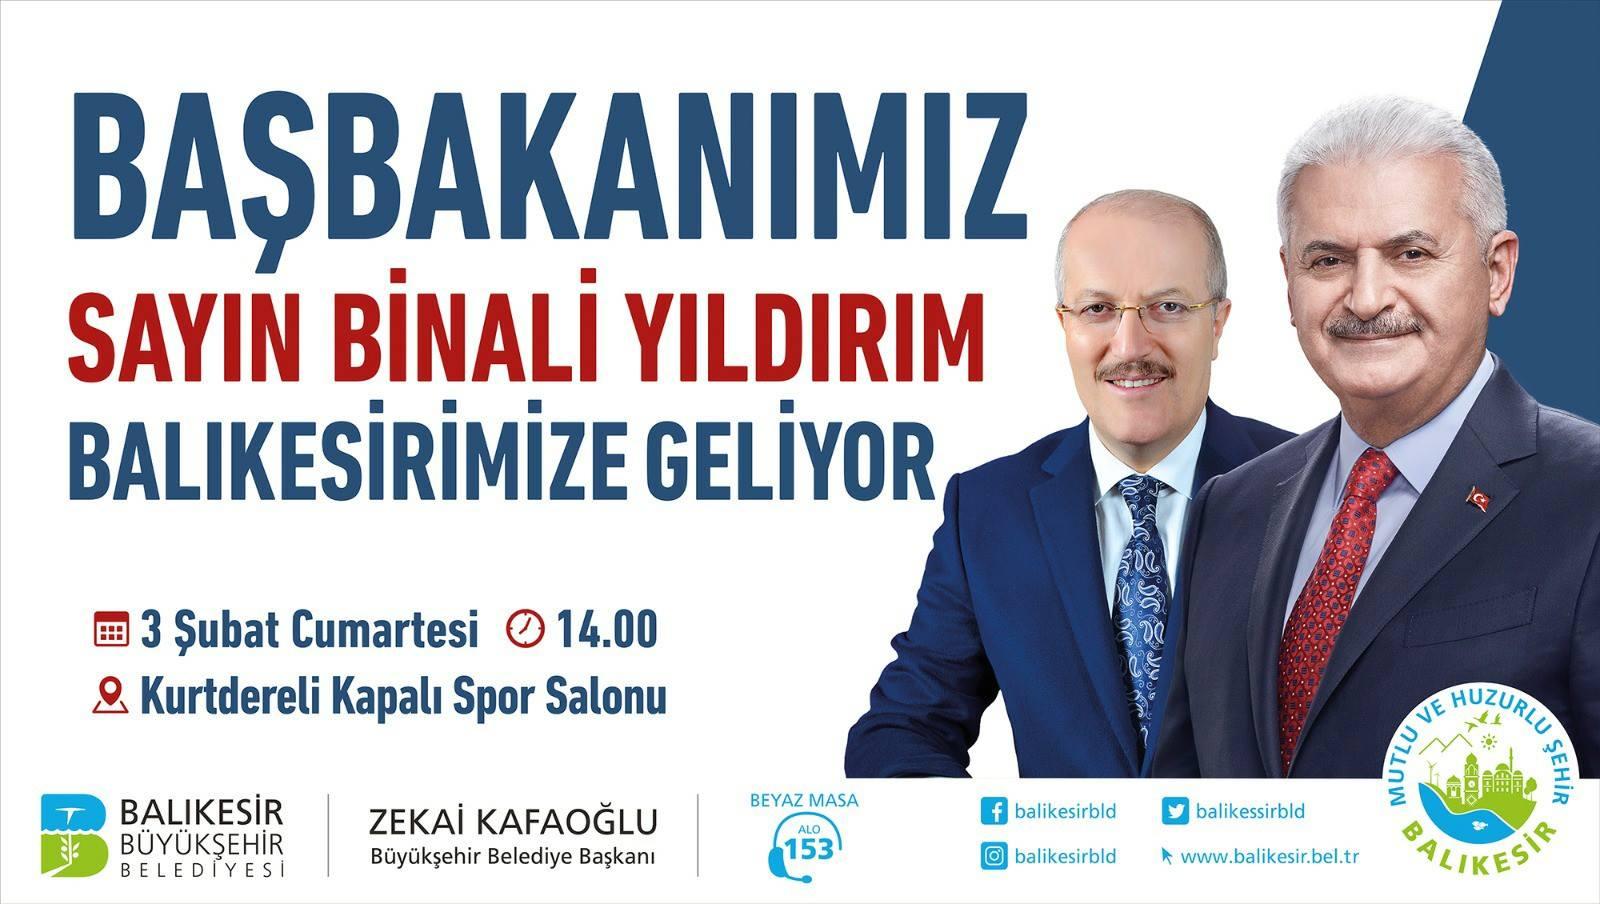 Başbakan BİNALİ YILDIRIM Balıkesir'e Geliyor